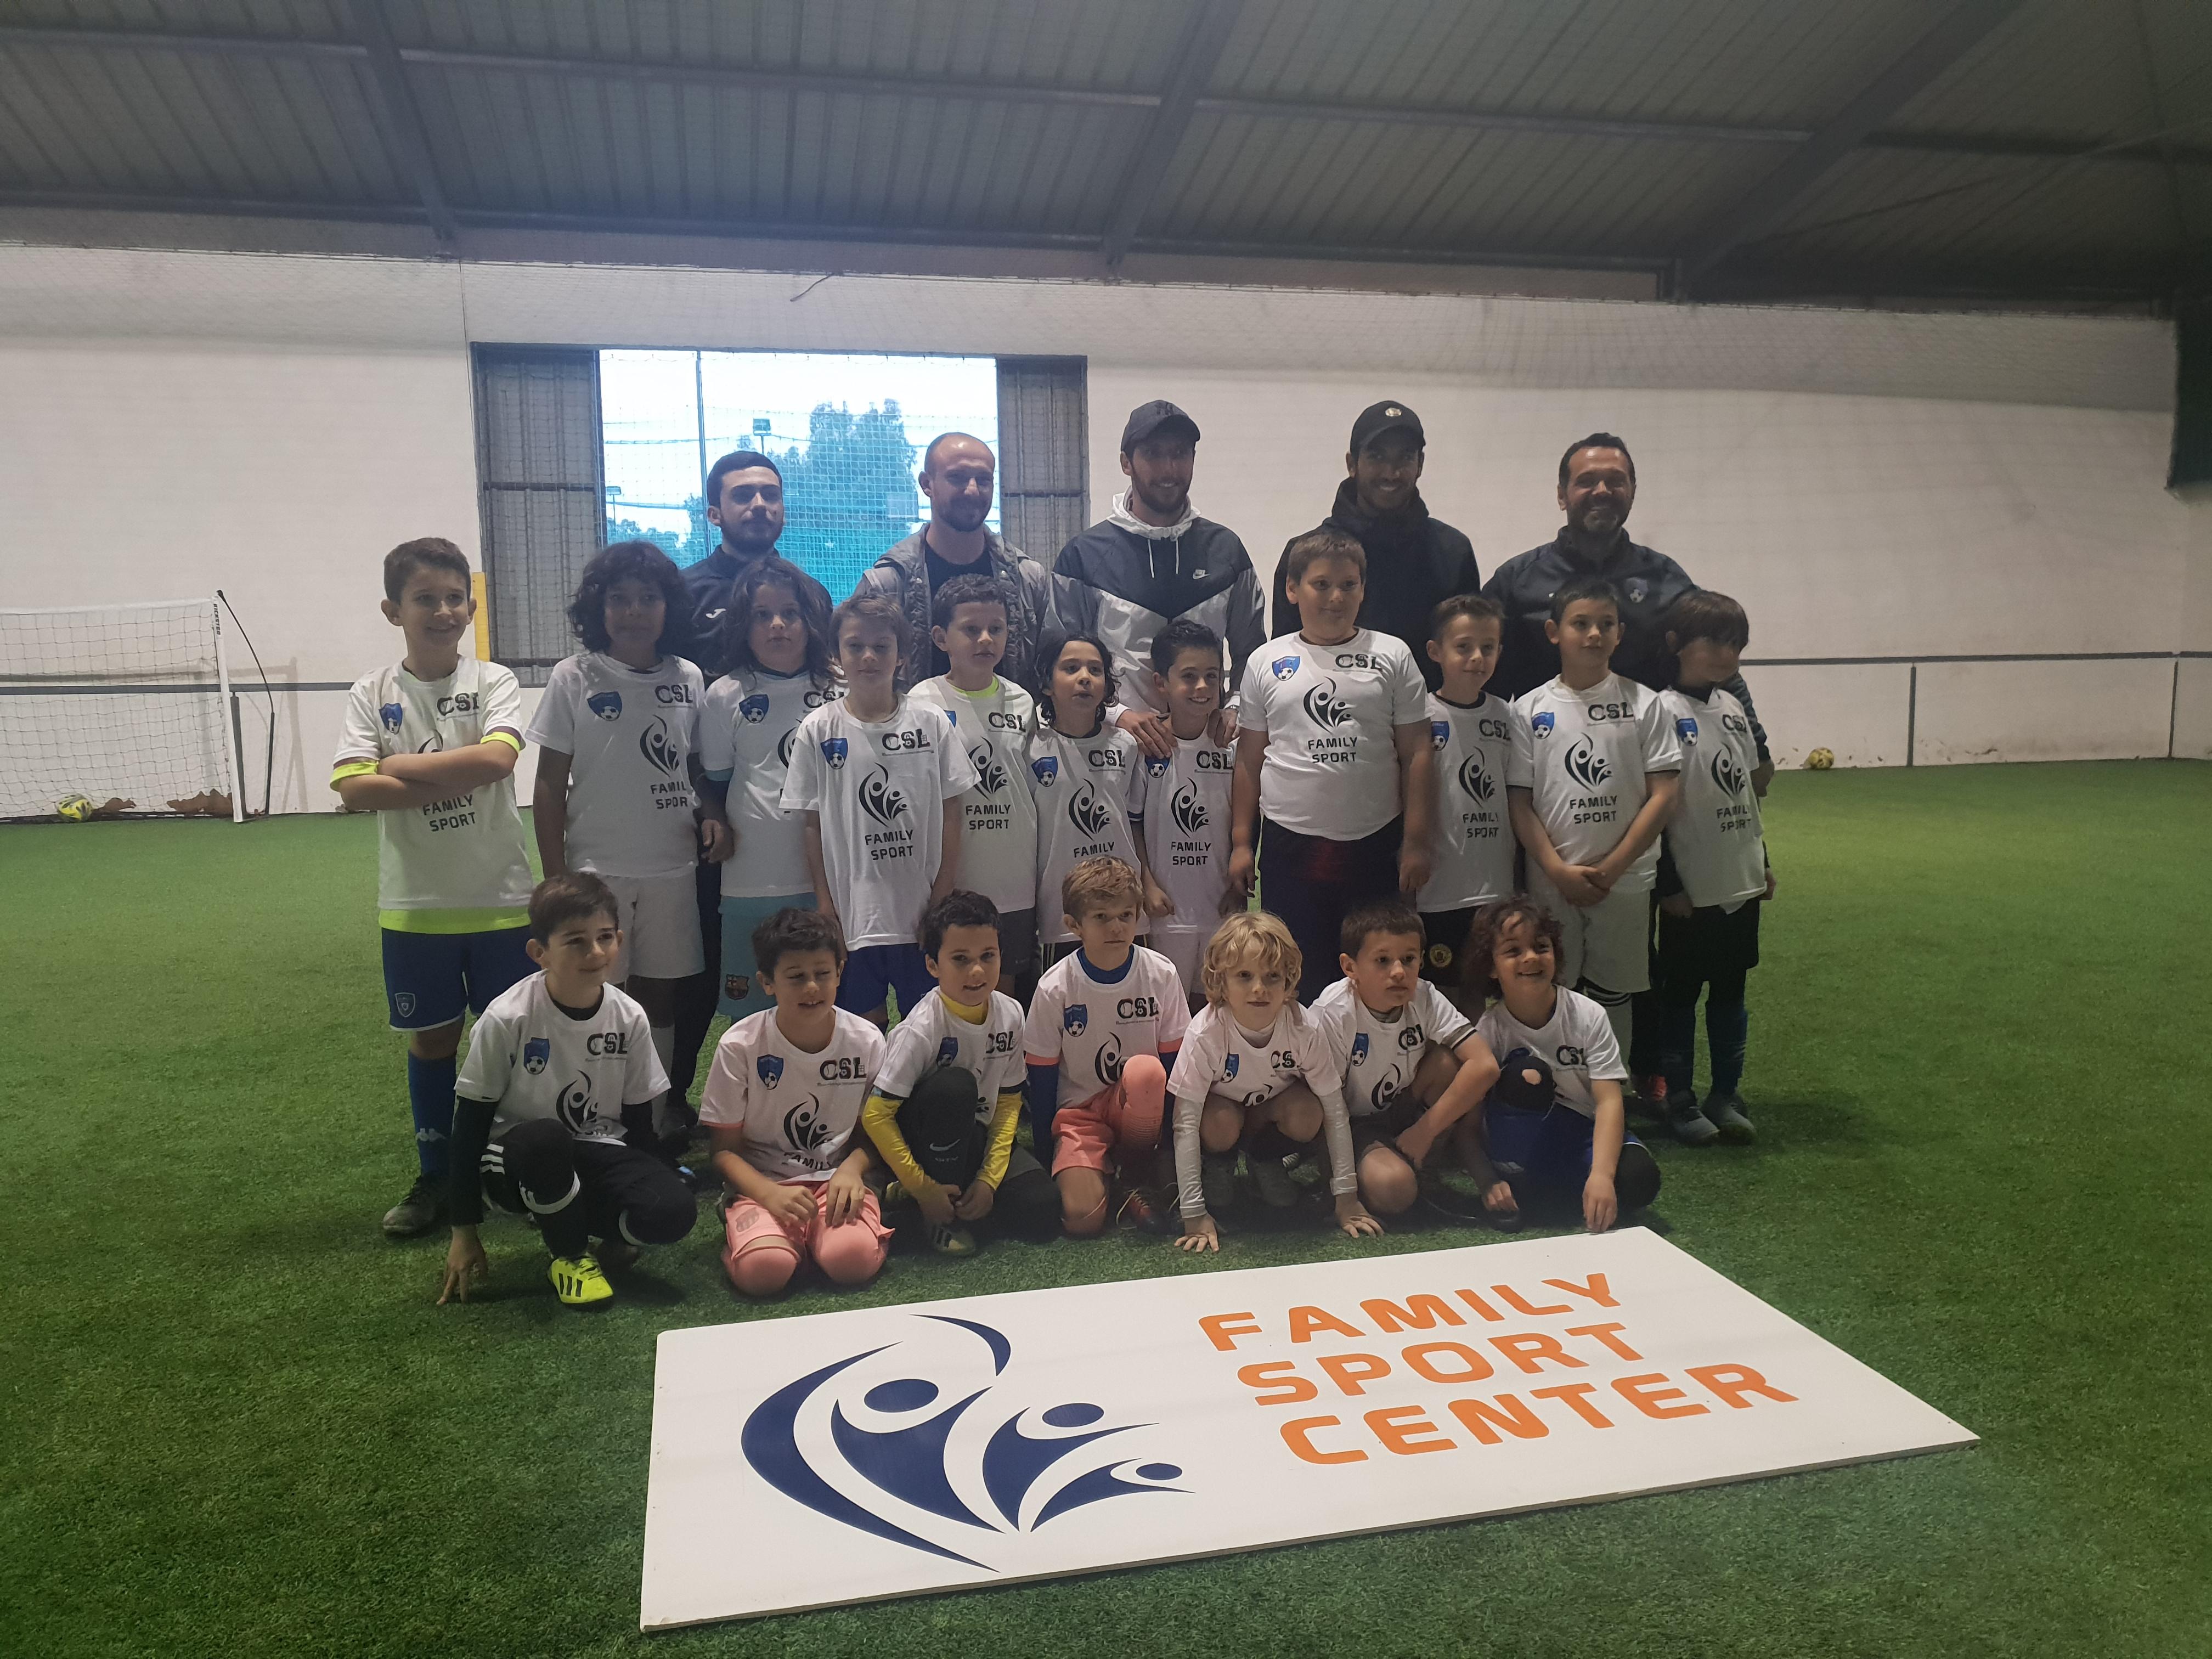 Le football et la langue corse font la paire à Family Sport Center